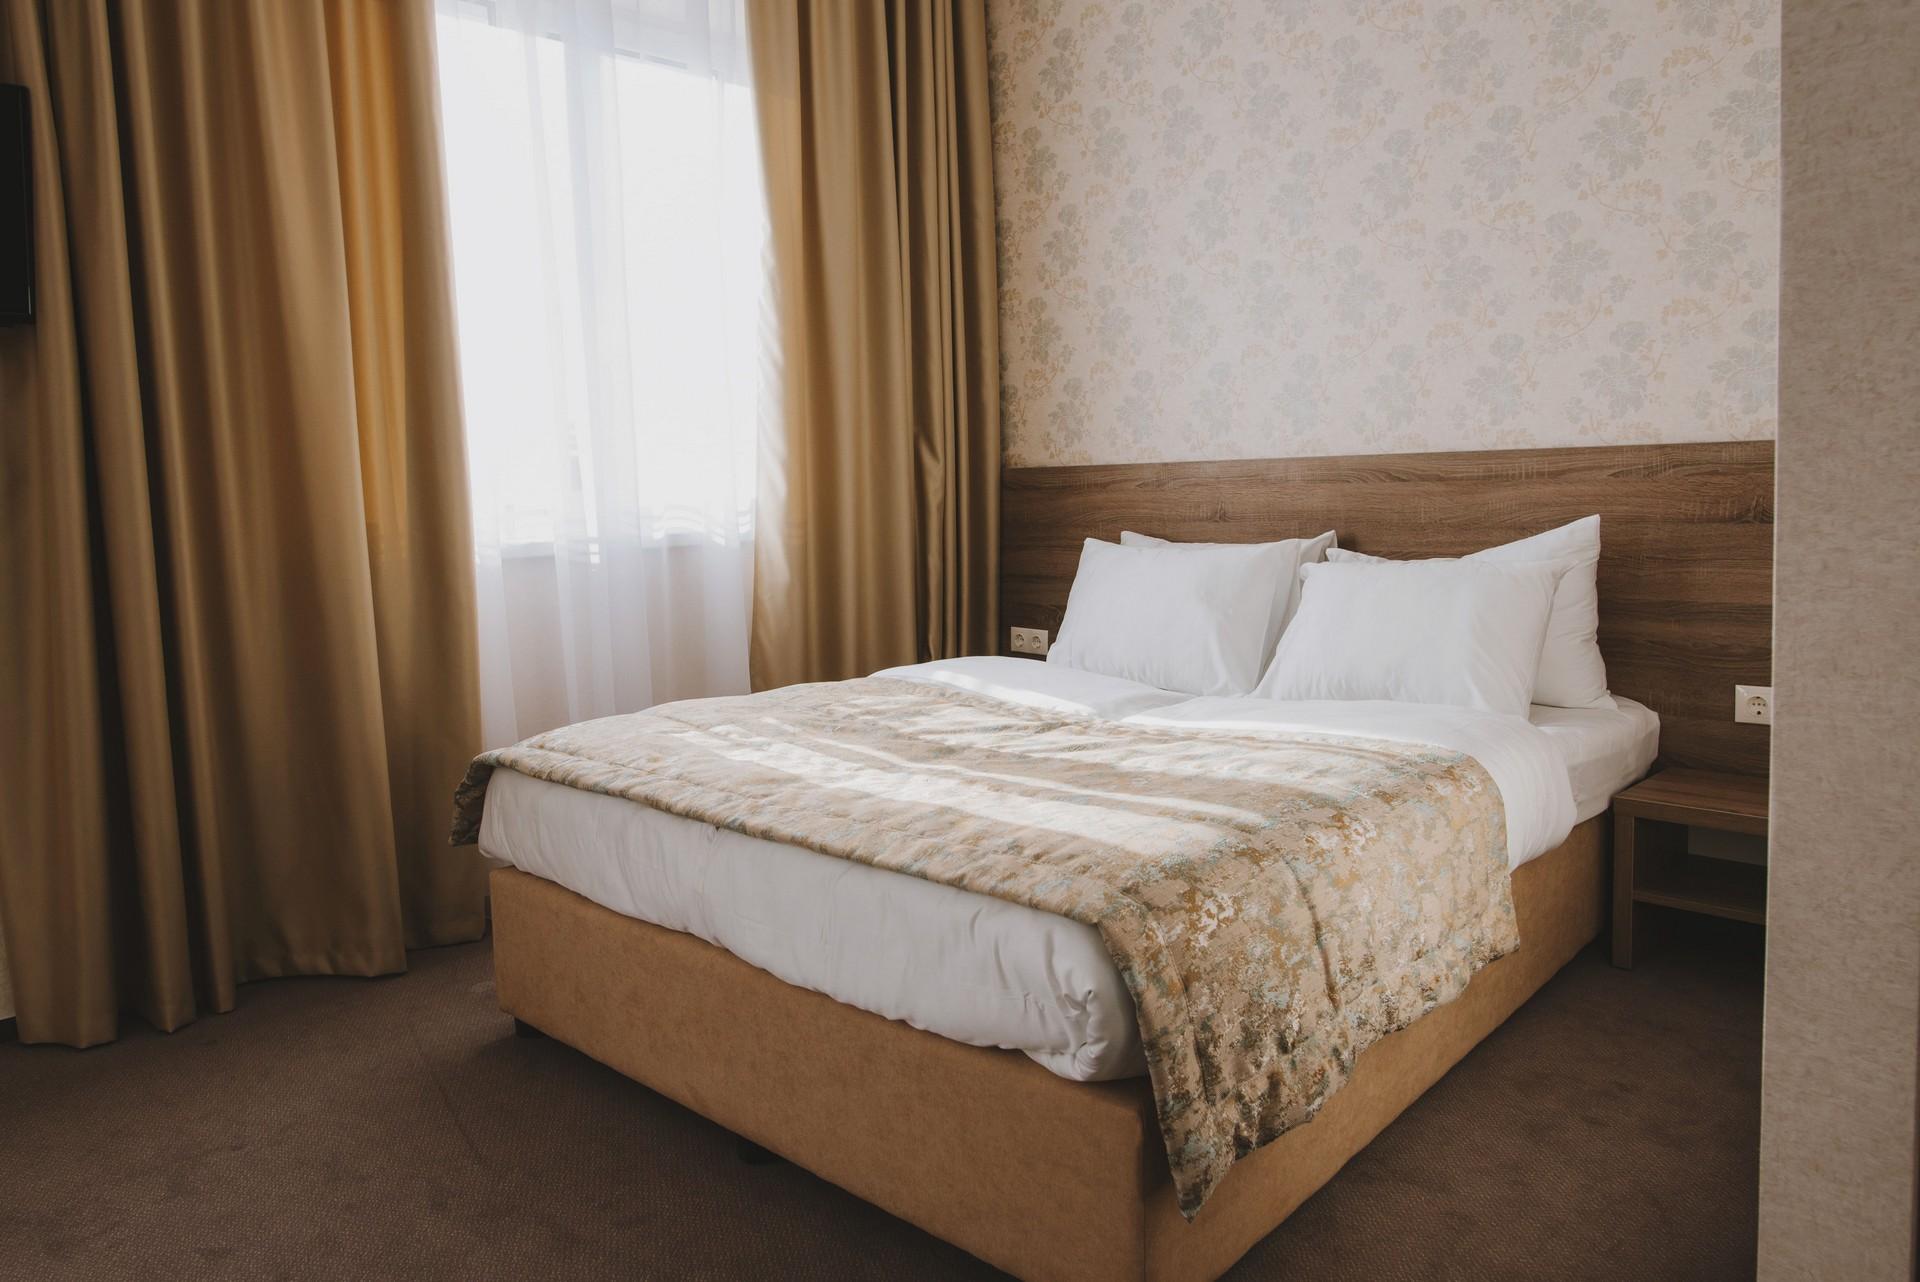 номер стандарт двуместный - Алькор отель